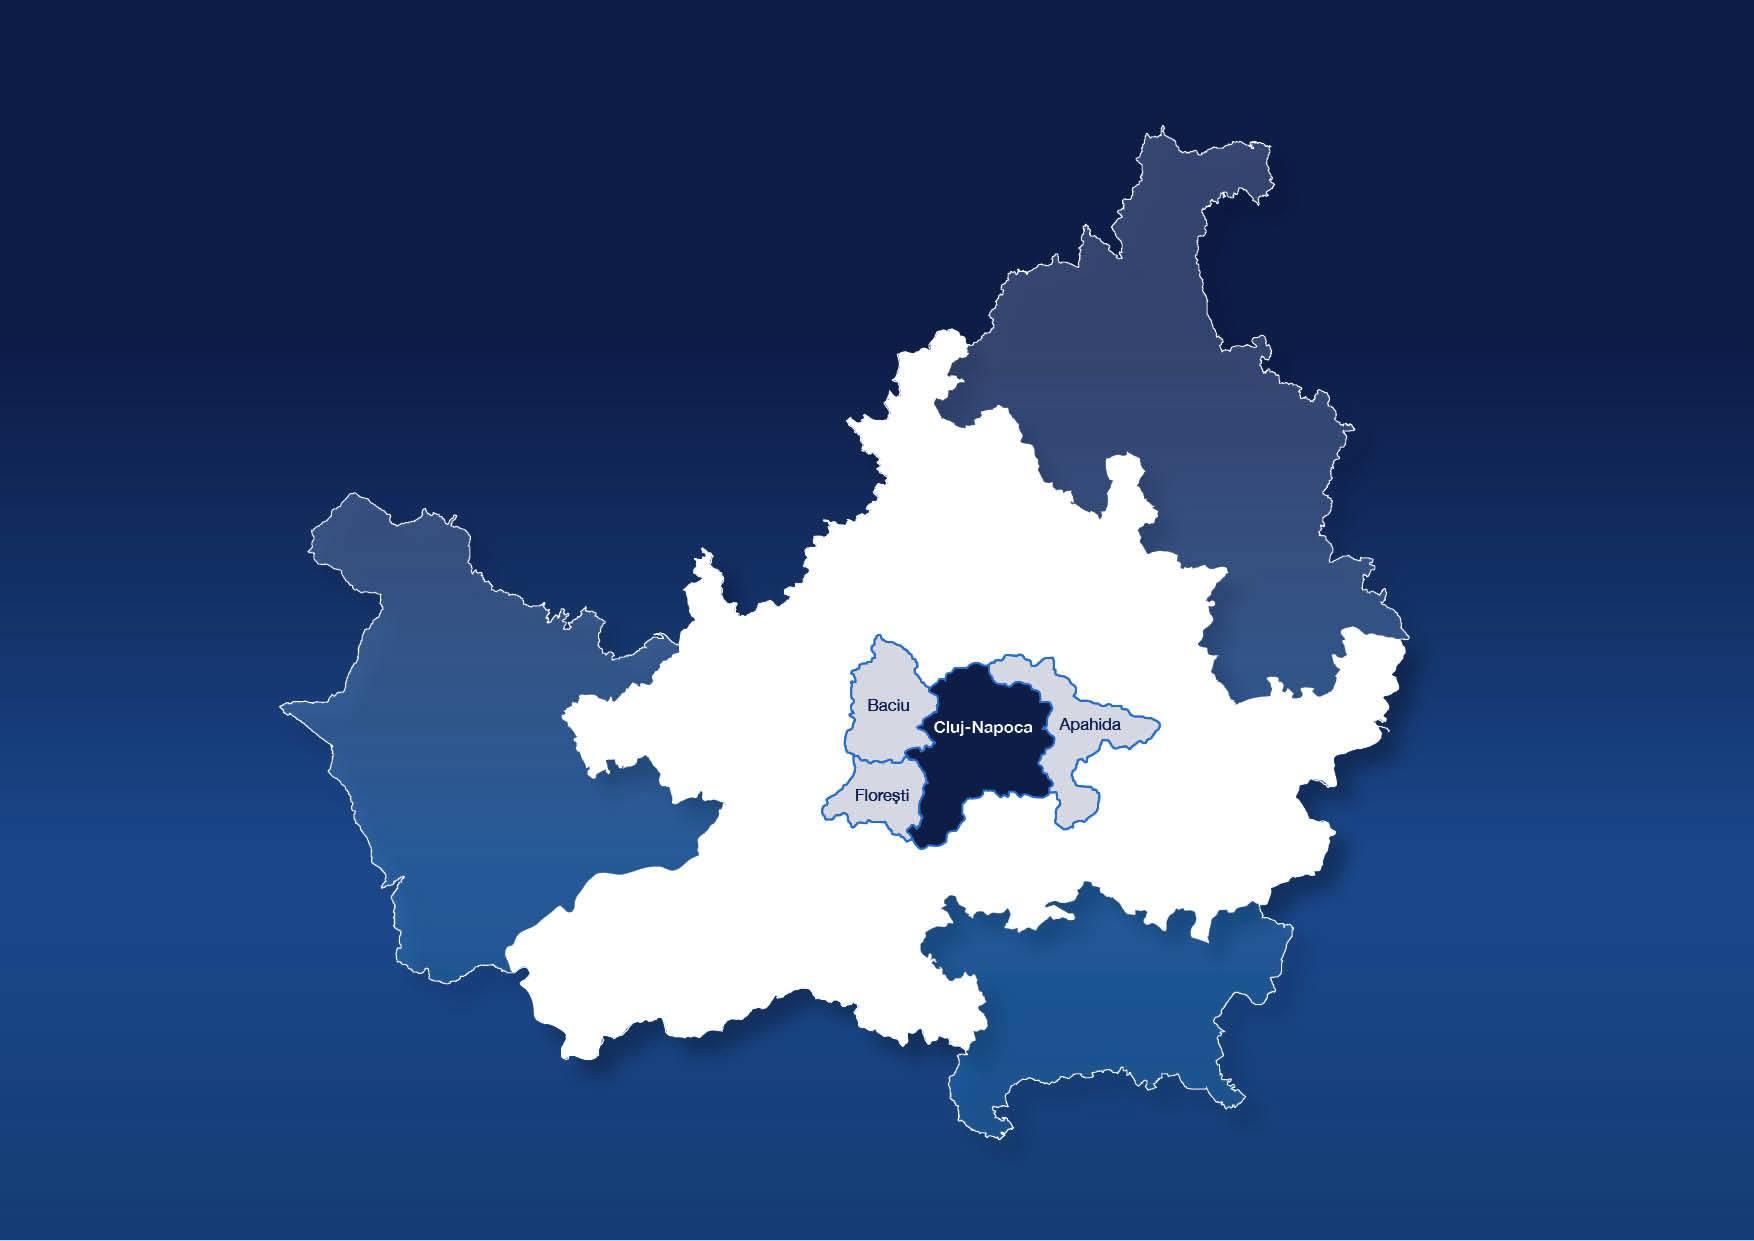 Contopirea administrativă a municipiului Cluj-Napoca cu comunele Florești, Apahida și Baciu.